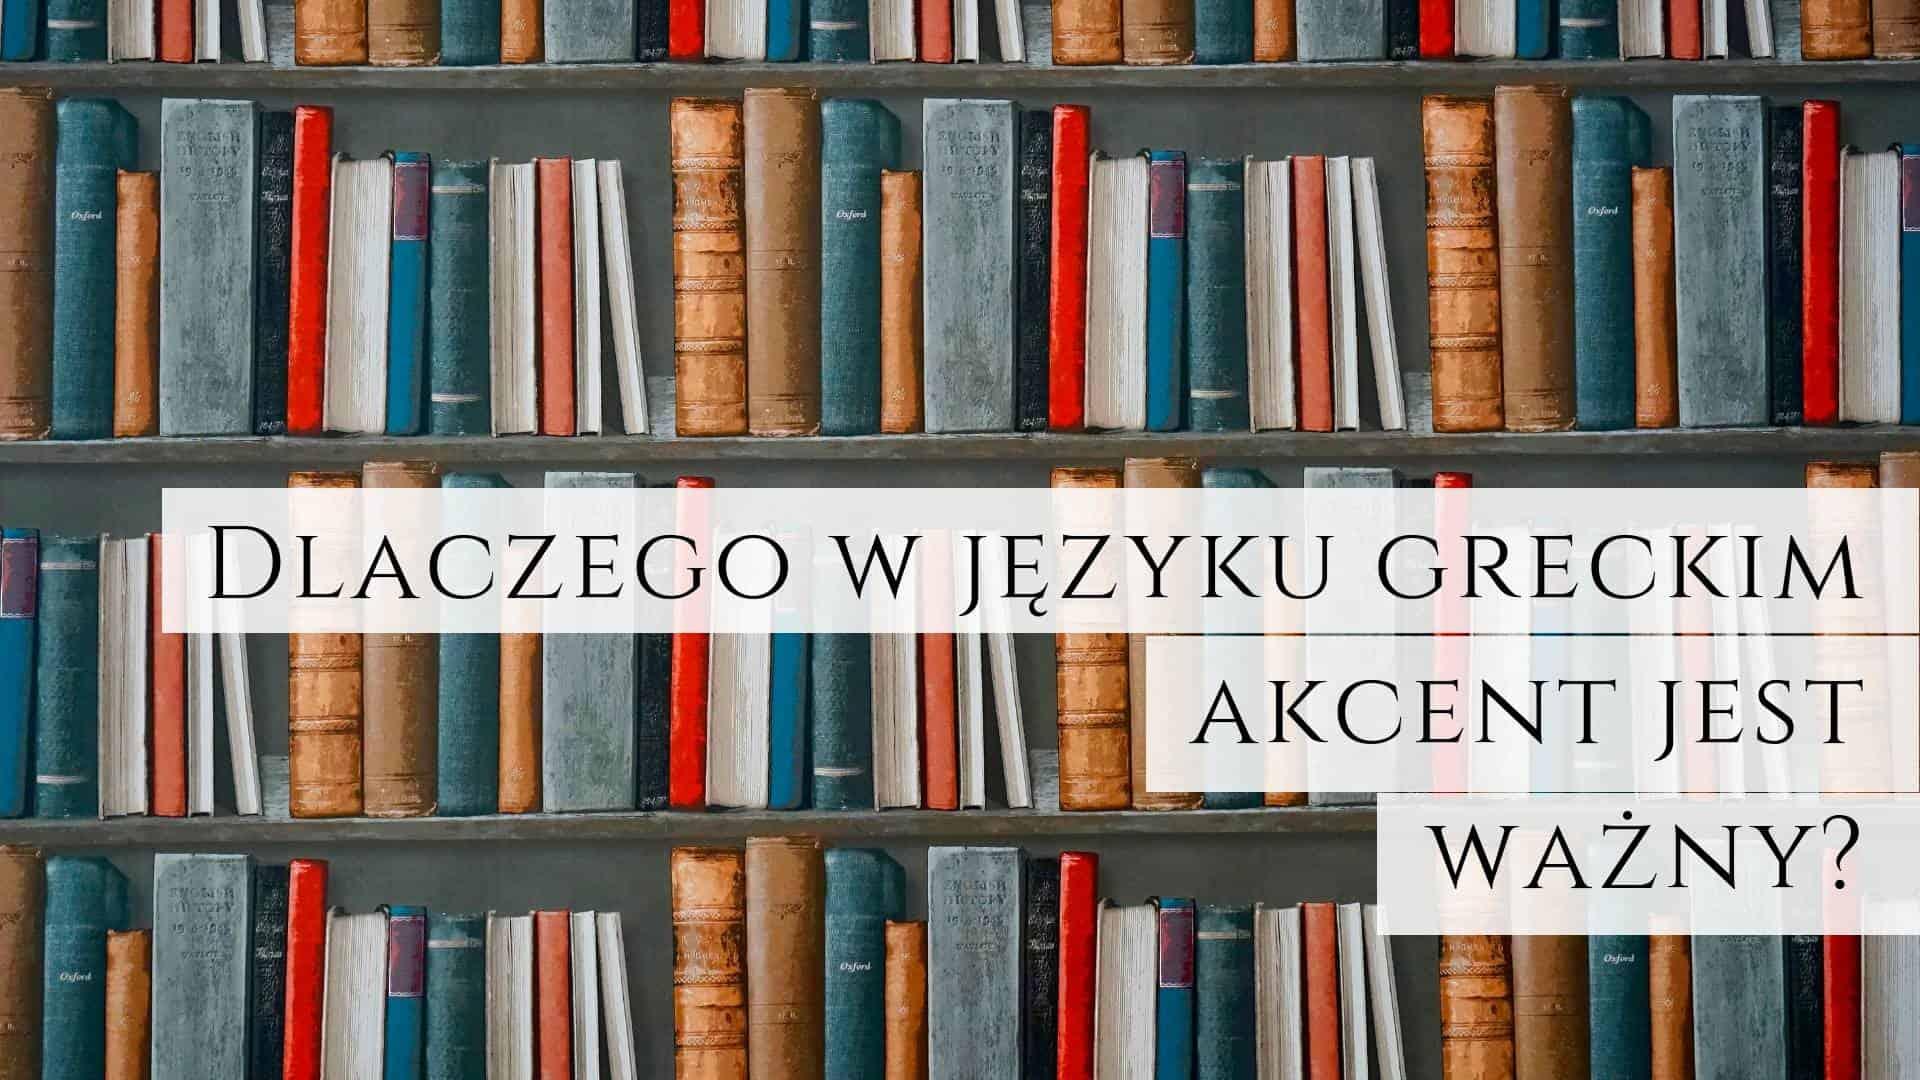 Dlaczego w języku greckim akcent jest ważny?